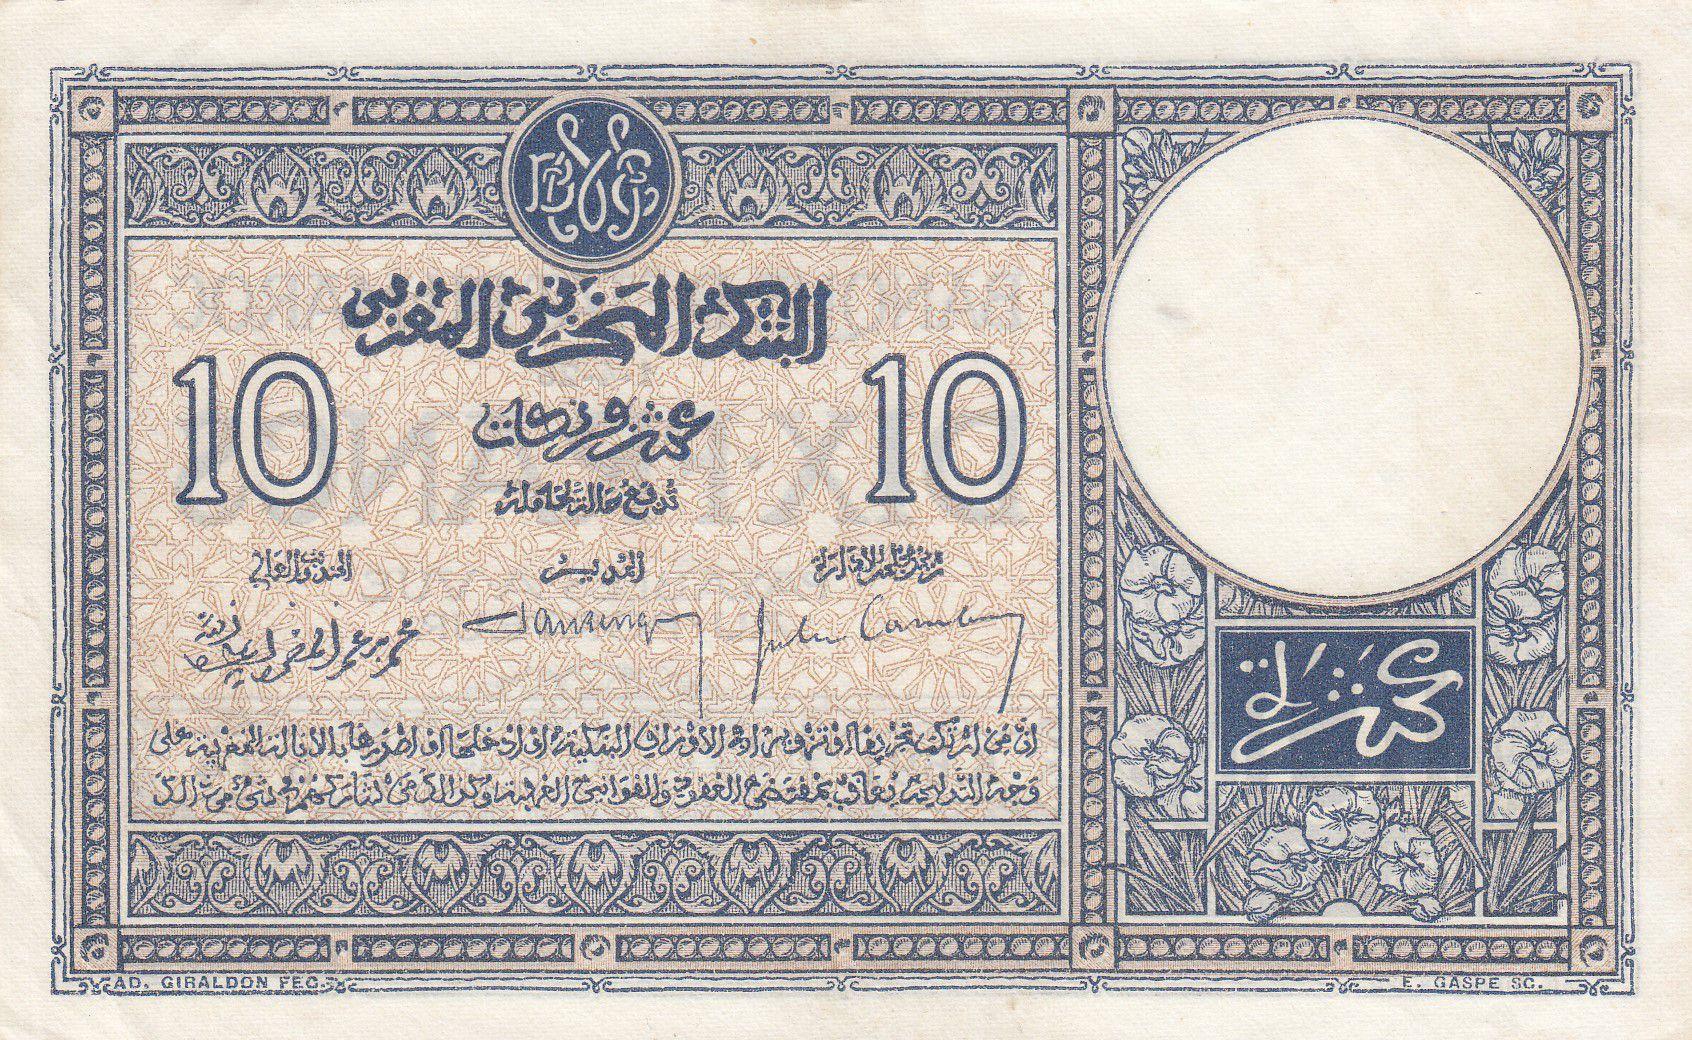 Maroc 10 Francs 01-04-1926 - SUP - Série K.691-524 - P.11b